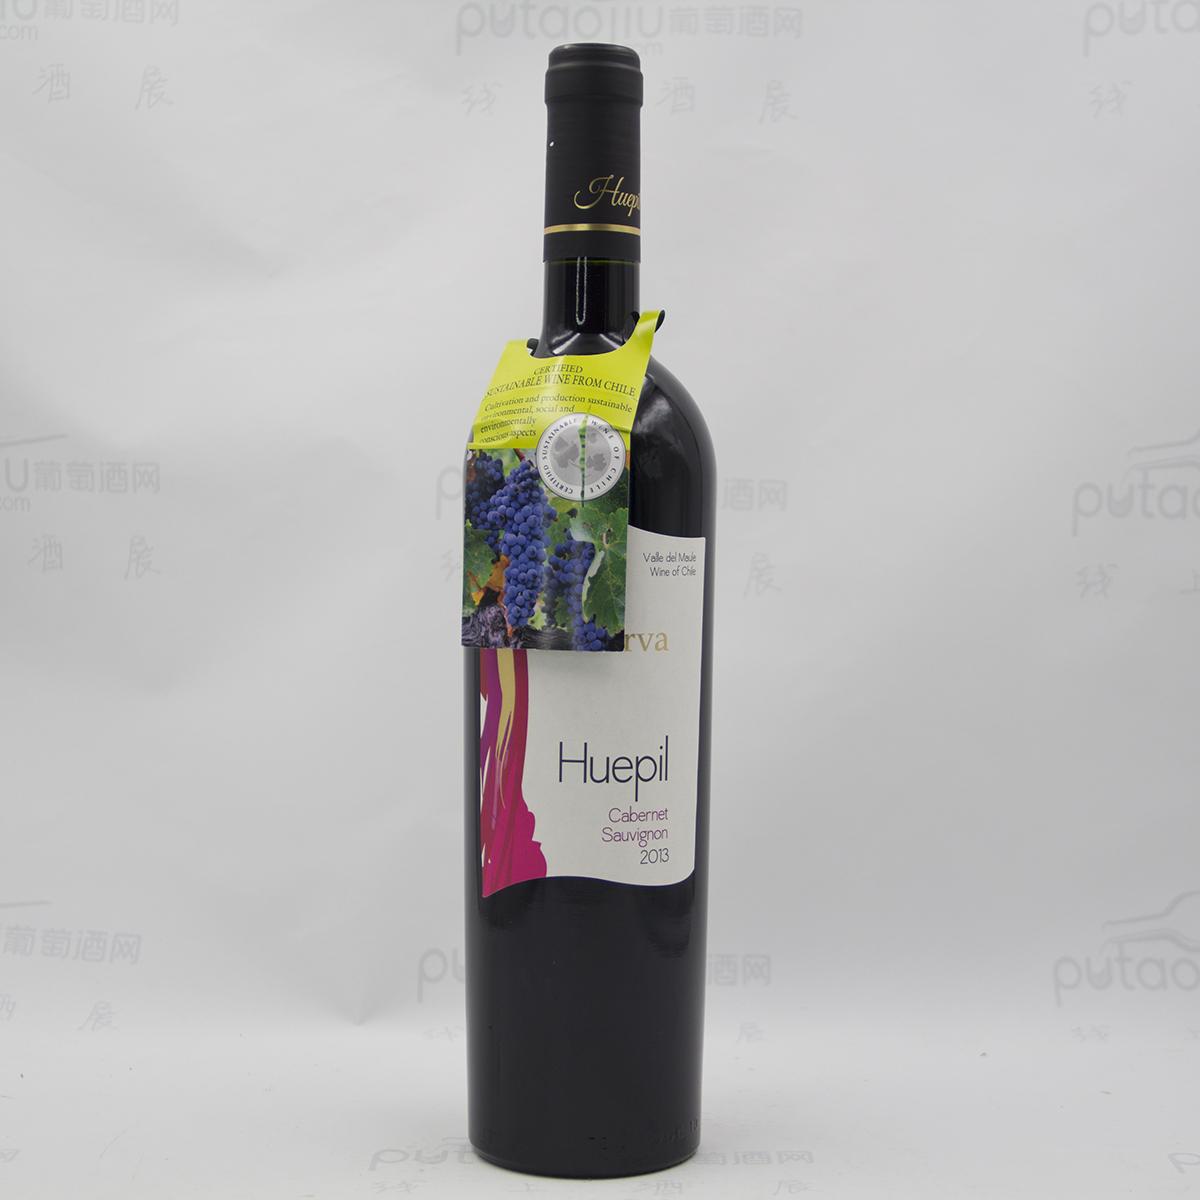 瓦帕特藏赤霞珠红葡萄酒(有机葡萄酒)